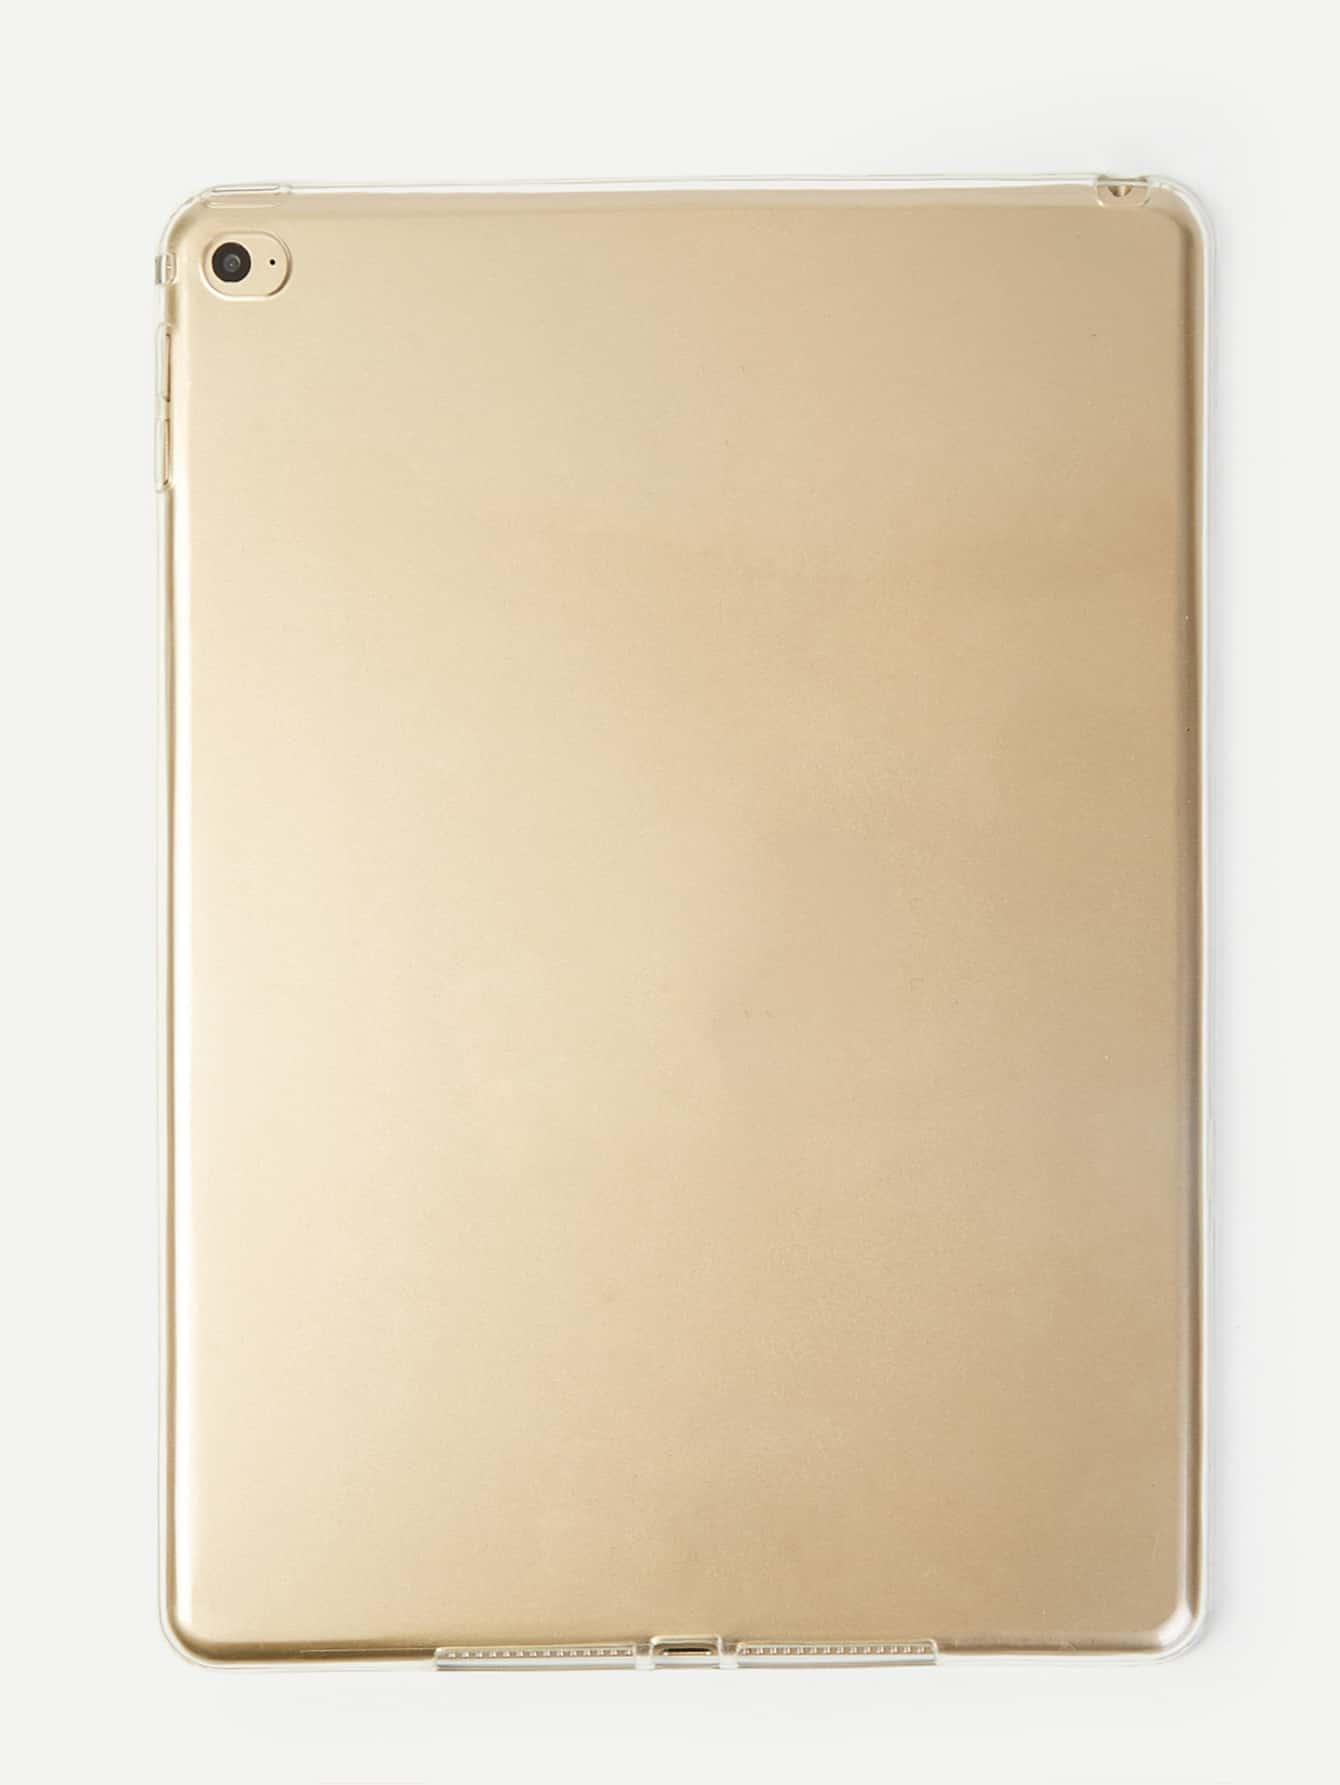 Transparent iPad Case null